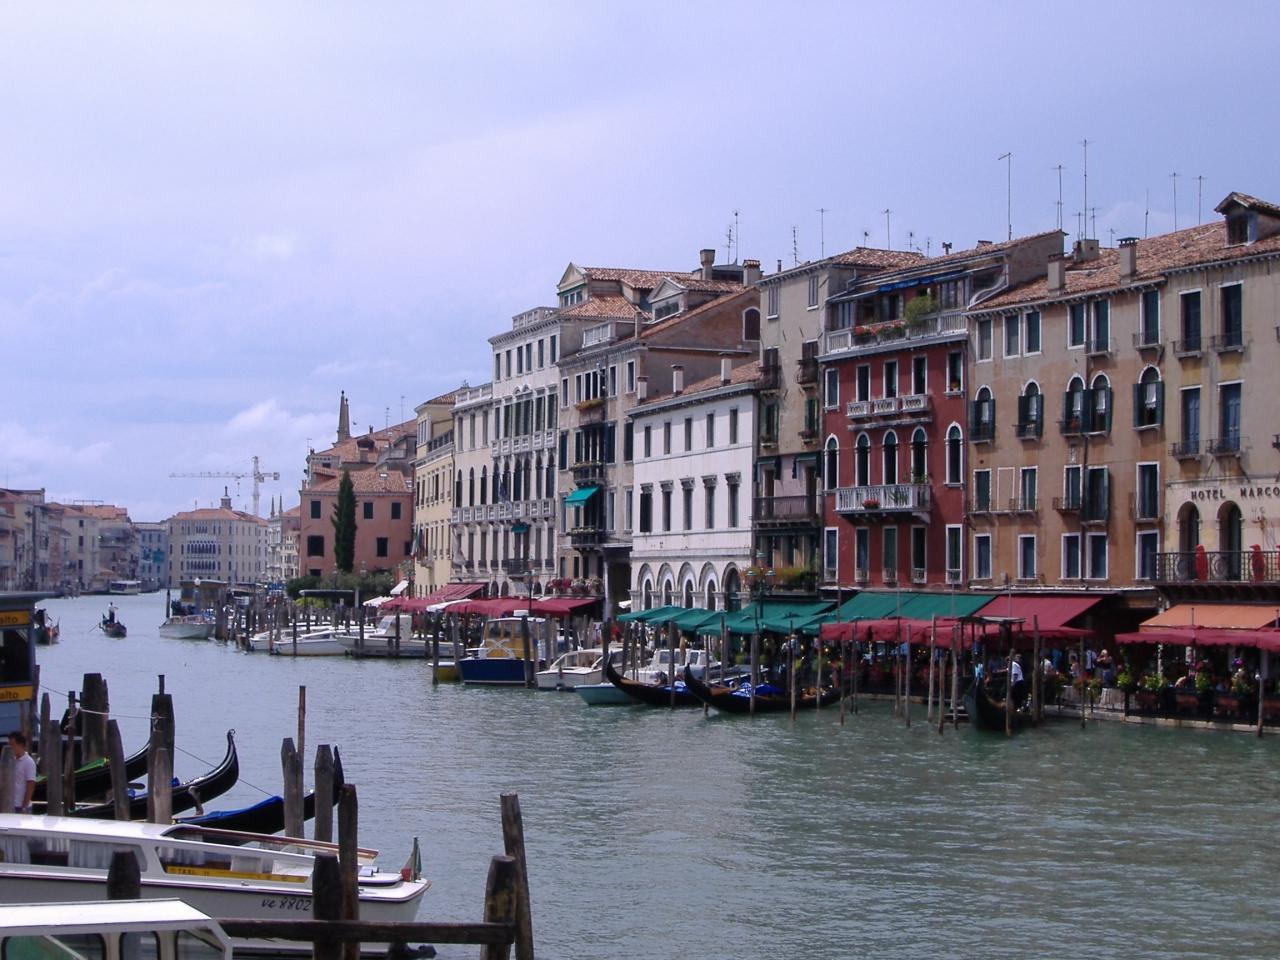 ほんと、どうやって建物が水上に建っているのか、フツーに考えたら不思議な光景ですよね。世界でもここでしか見られない風景。夢の中にでもいるのかな。